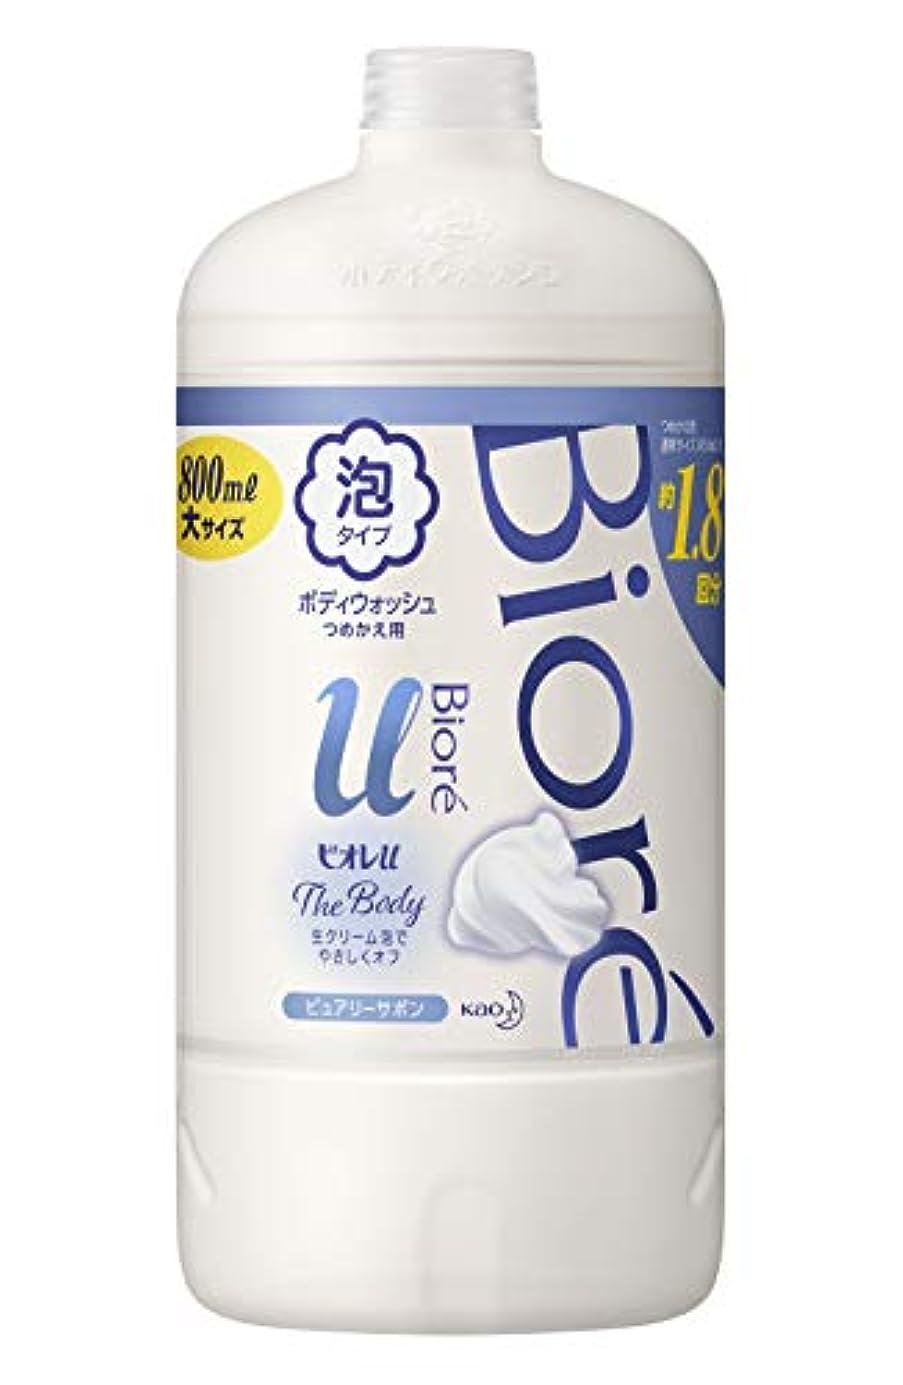 メールアナロジーブルゴーニュ【大容量】 ビオレu ザ ボディ 〔 The Body 〕 泡タイプ ピュアリーサボンの香り つめかえ用 800ml 「高潤滑処方の生クリーム泡」